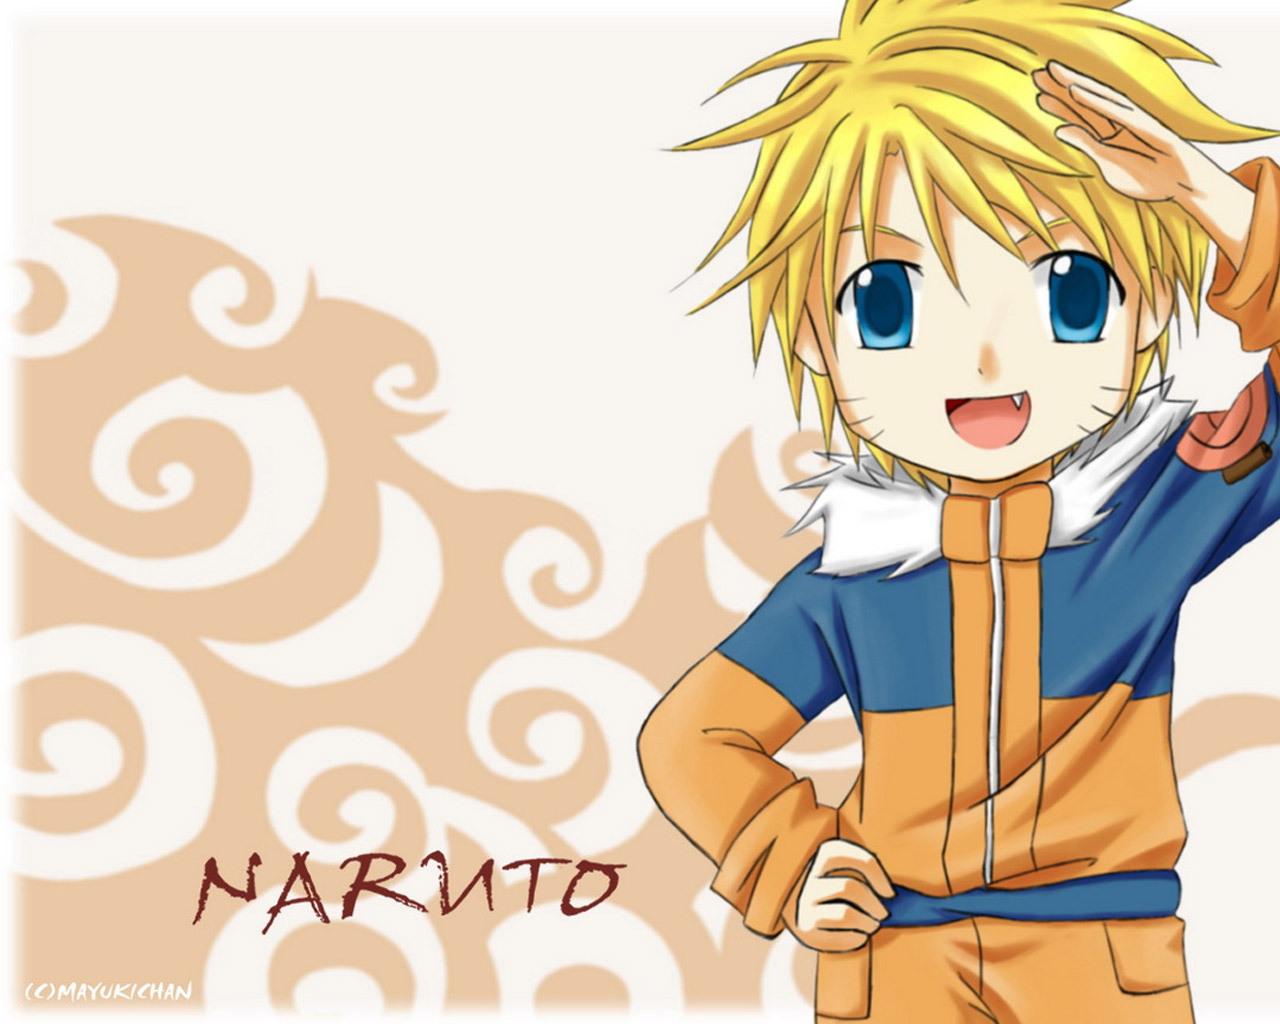 chibi naruto - Naruto Shippuuden Fan Art (4403910) - Fanpop